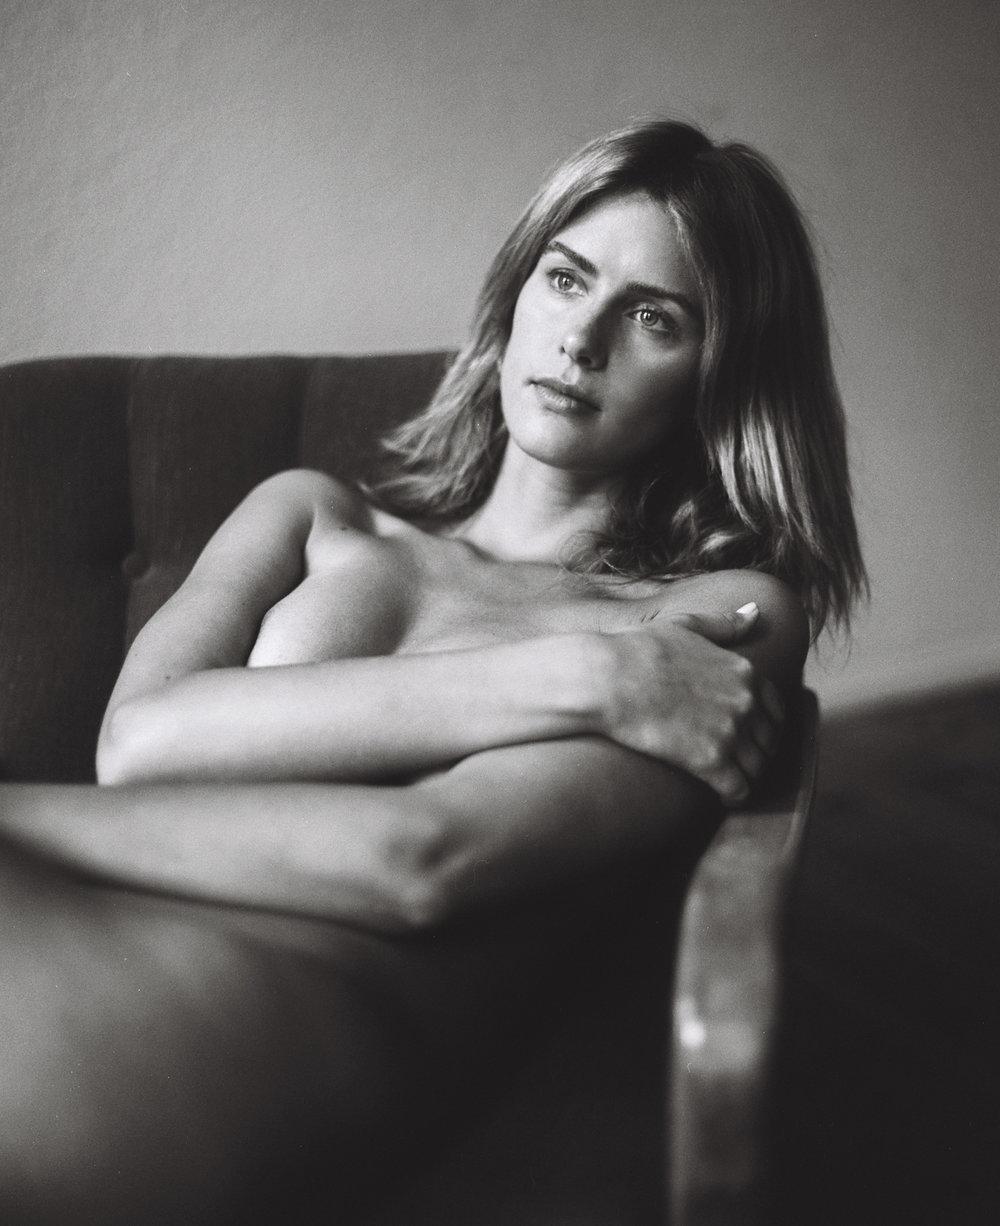 berlin boudoir photography nudes